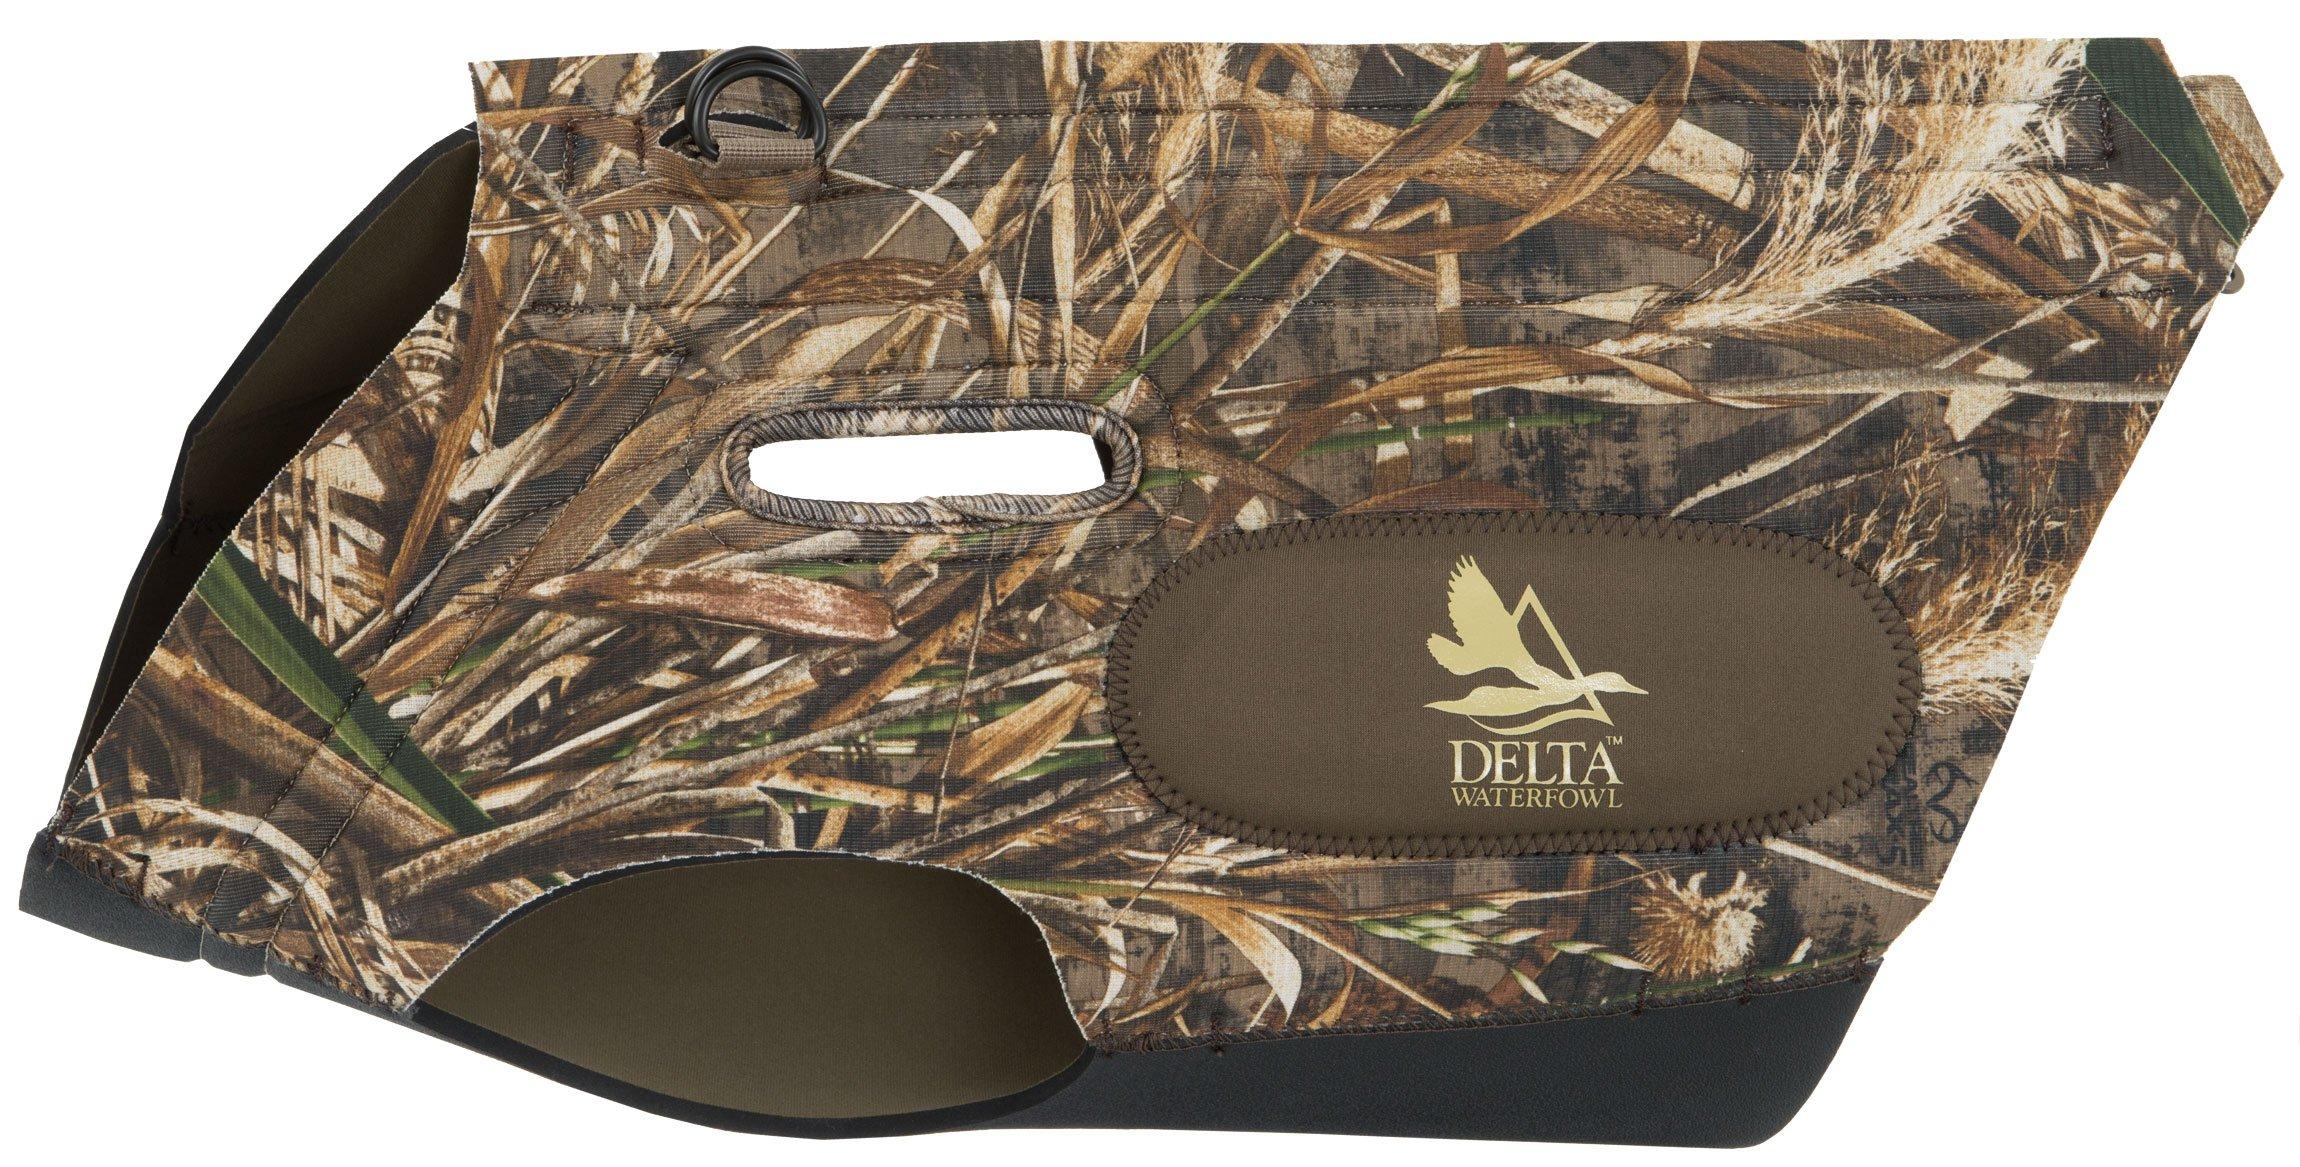 ALPS OutdoorZ Delta Waterfowl Dog Vest, Medium